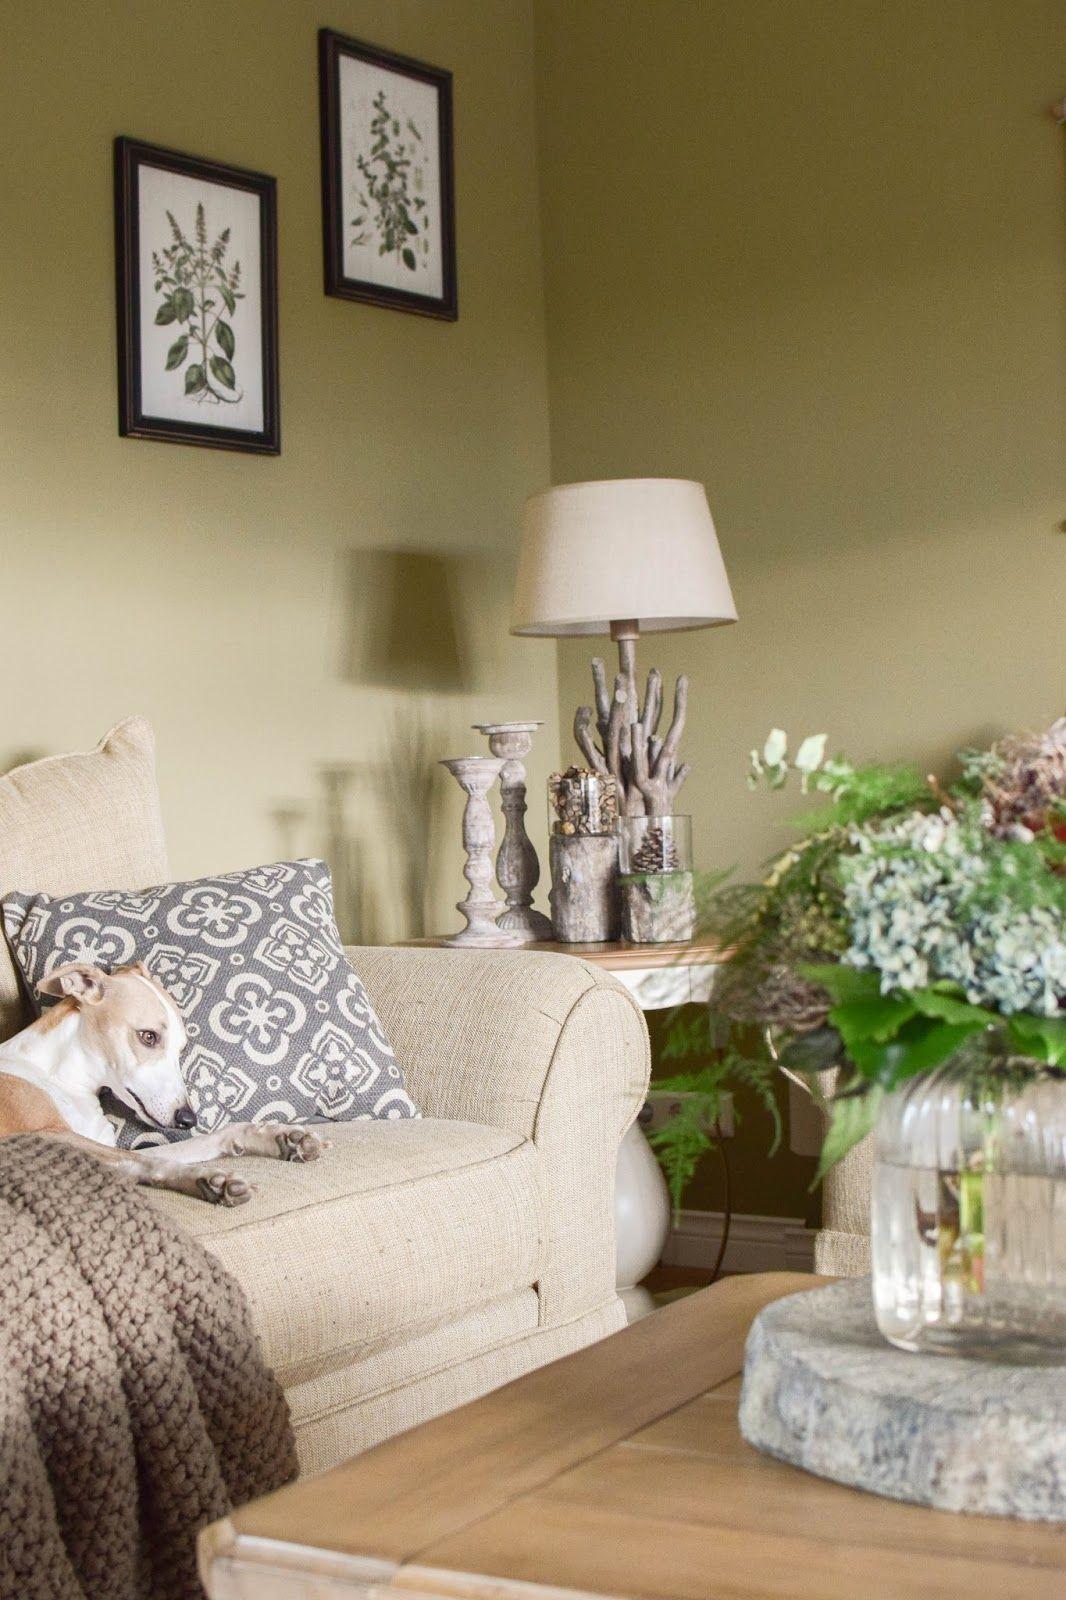 Elegant Deko Für Den Tisch Im Winter. Wohnzimmer Farbenfroh Und Natürlich Dekorieren.  Naturdeko Dekoidee Dekoration